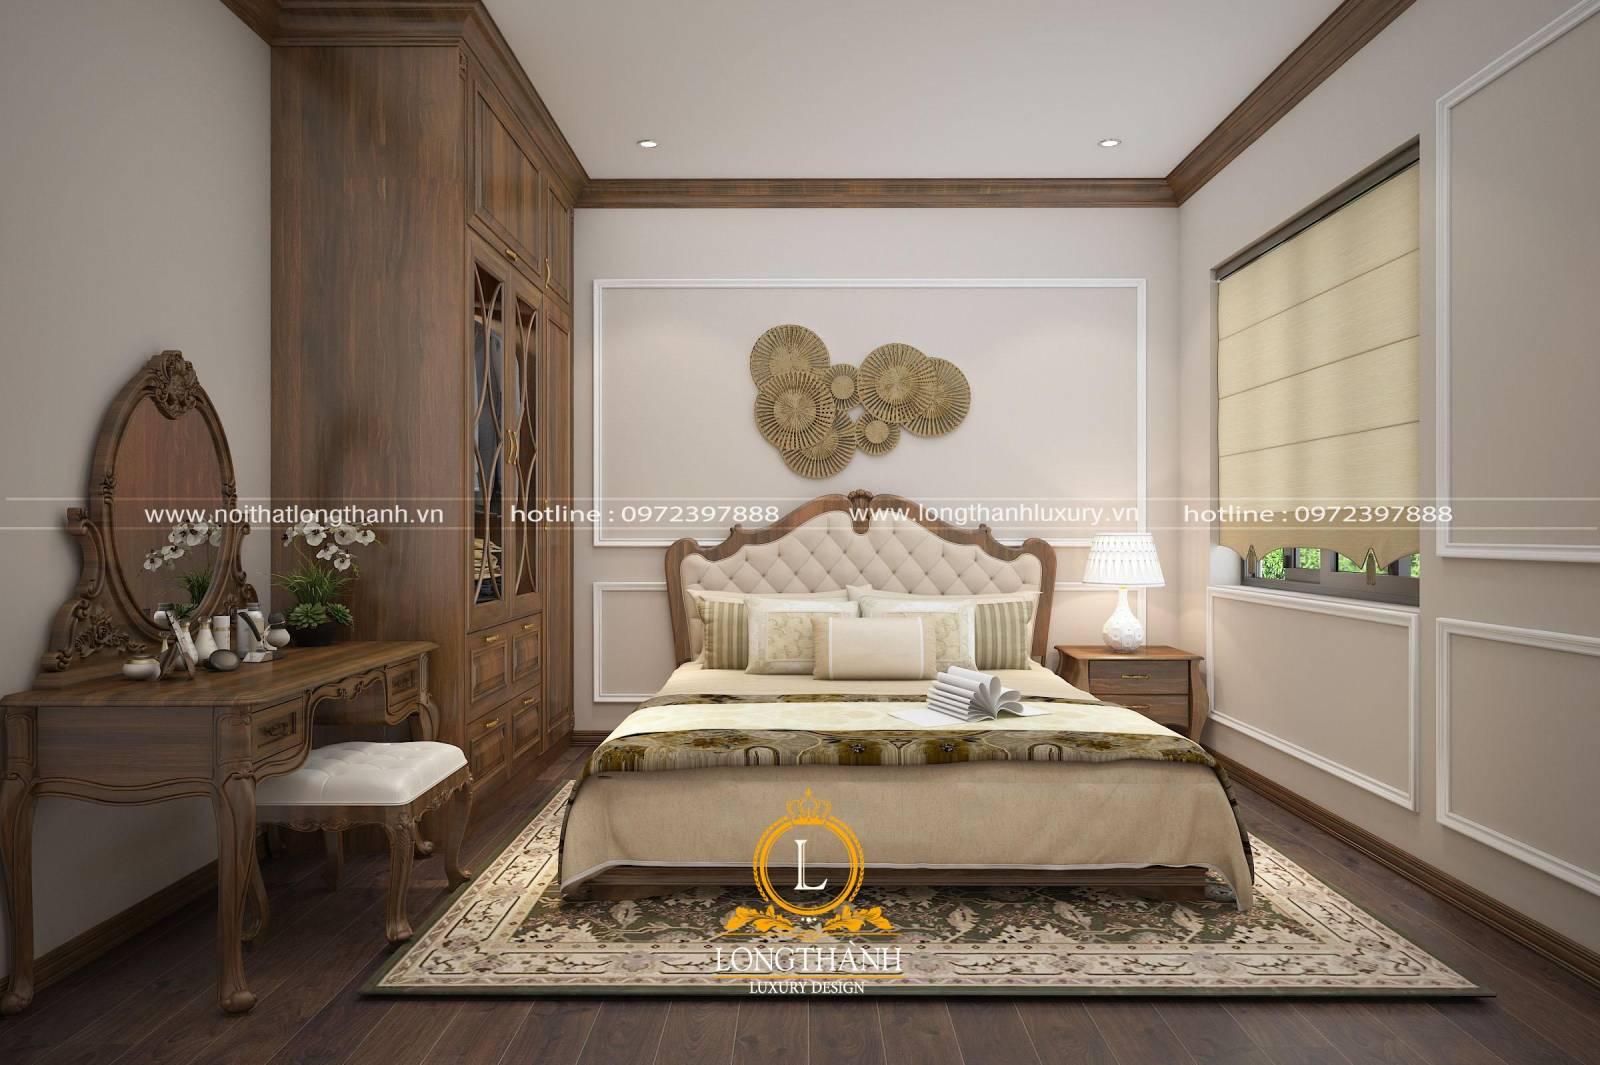 Phòng ngủ master tân cổ điển sử dụng chất liệu gỗ tự nhiên